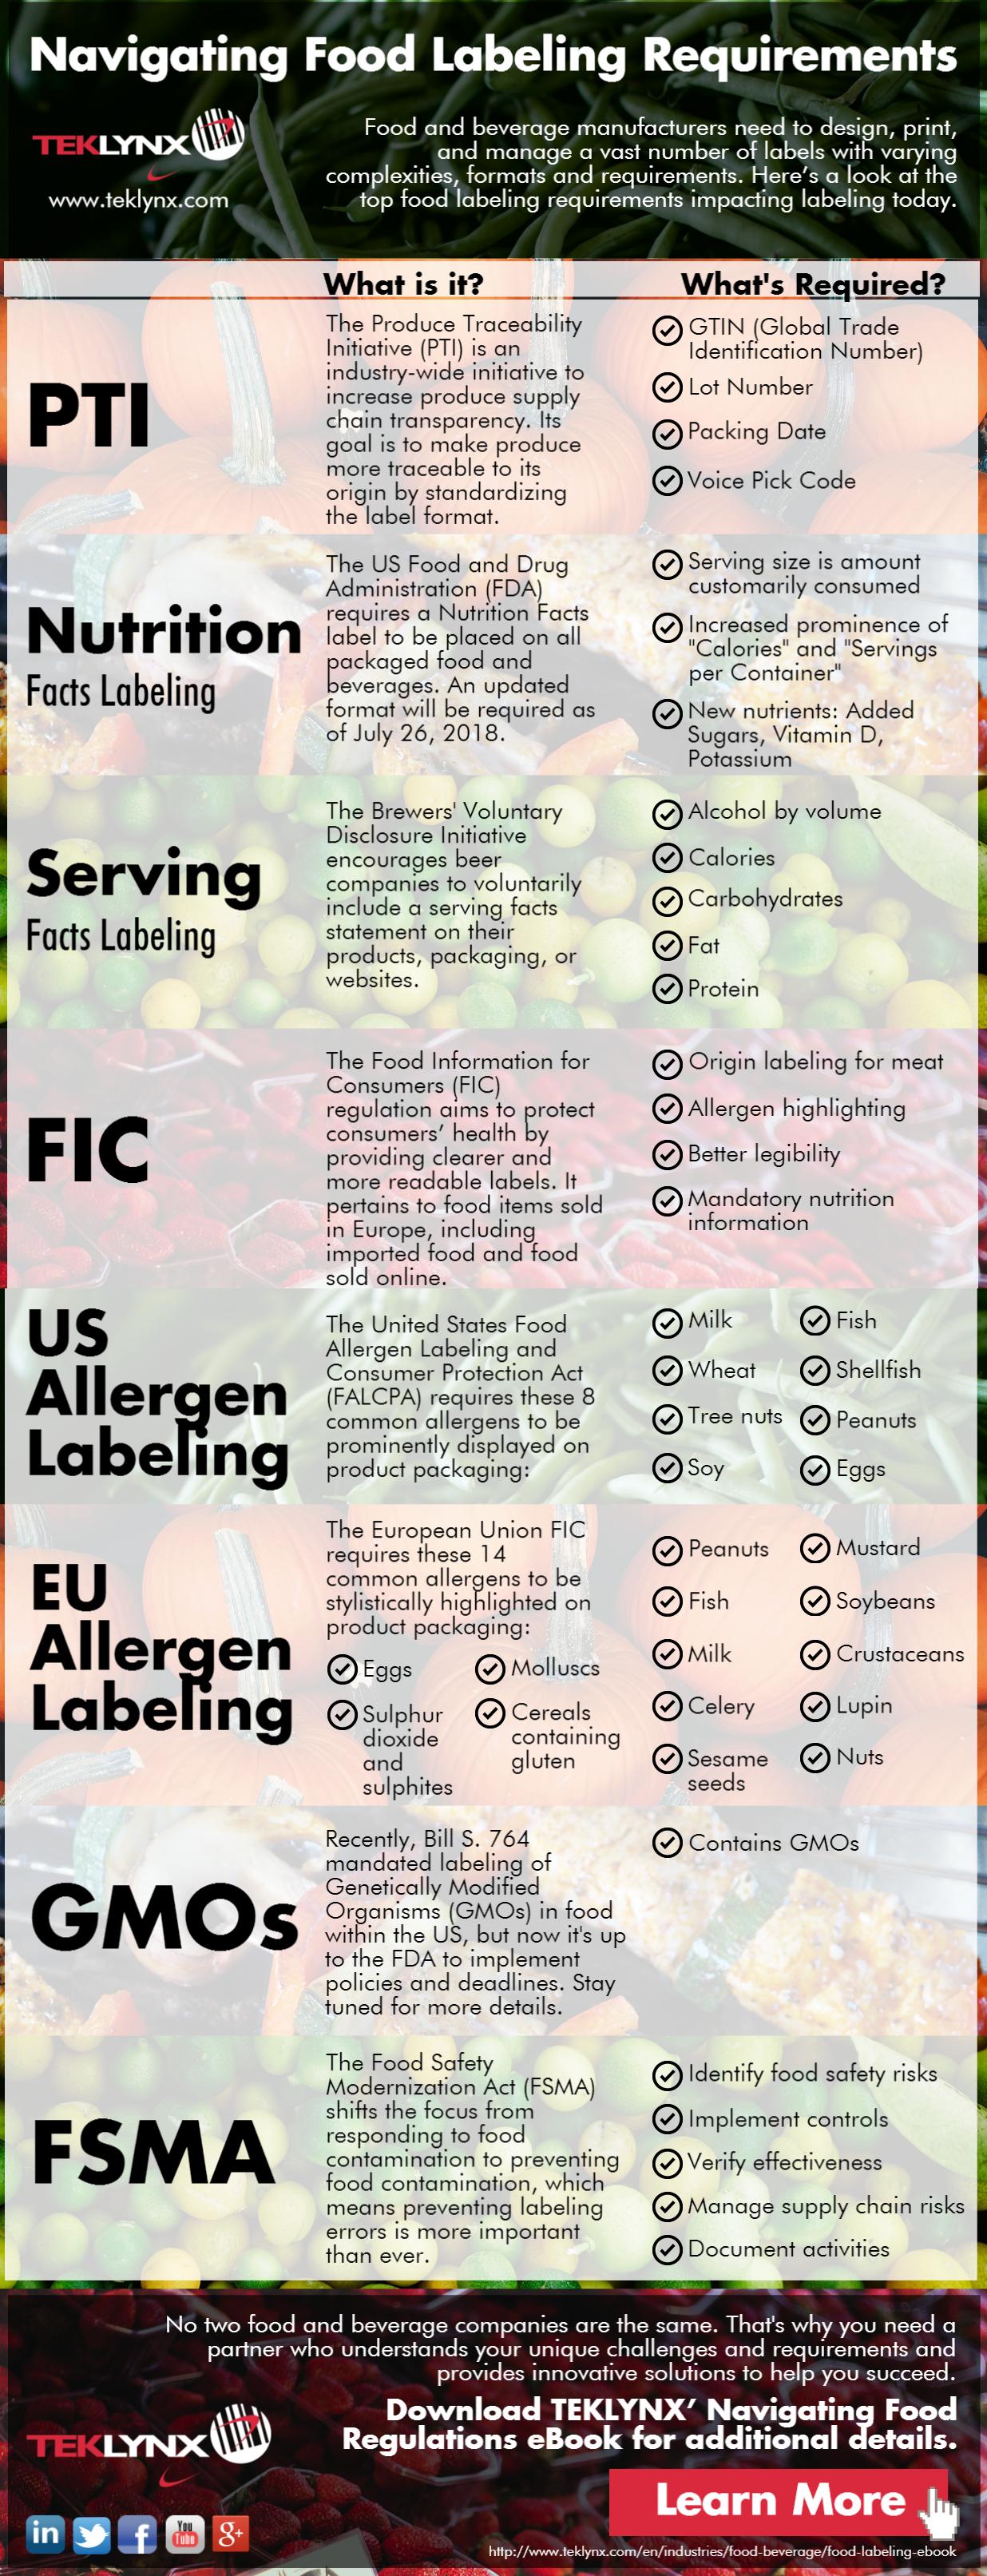 인포그래픽: 식품 라벨 제작 요구 사항 알아보기